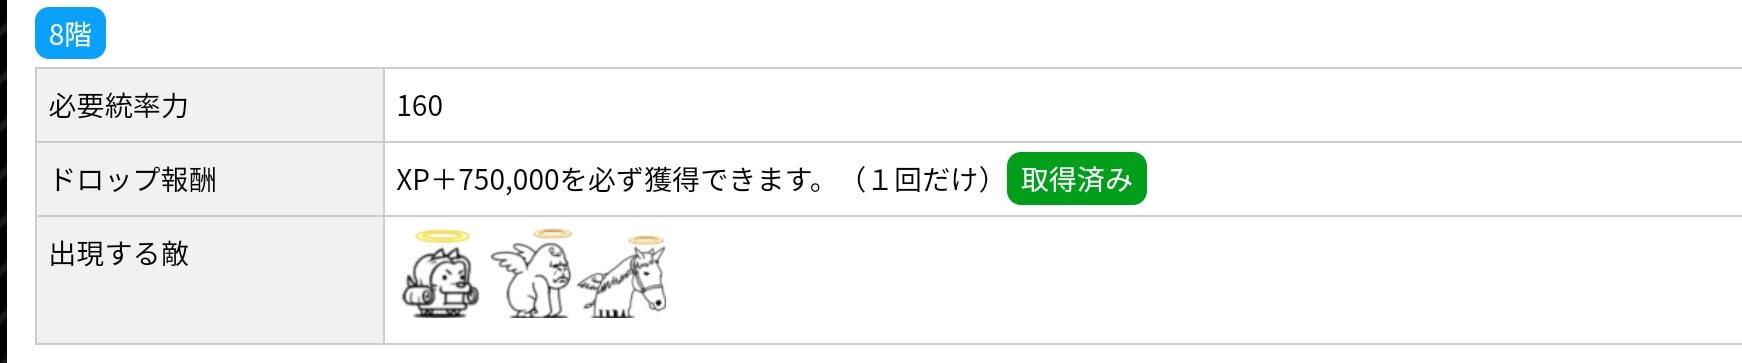 にゃんこ別塔(天)8階 敵編成